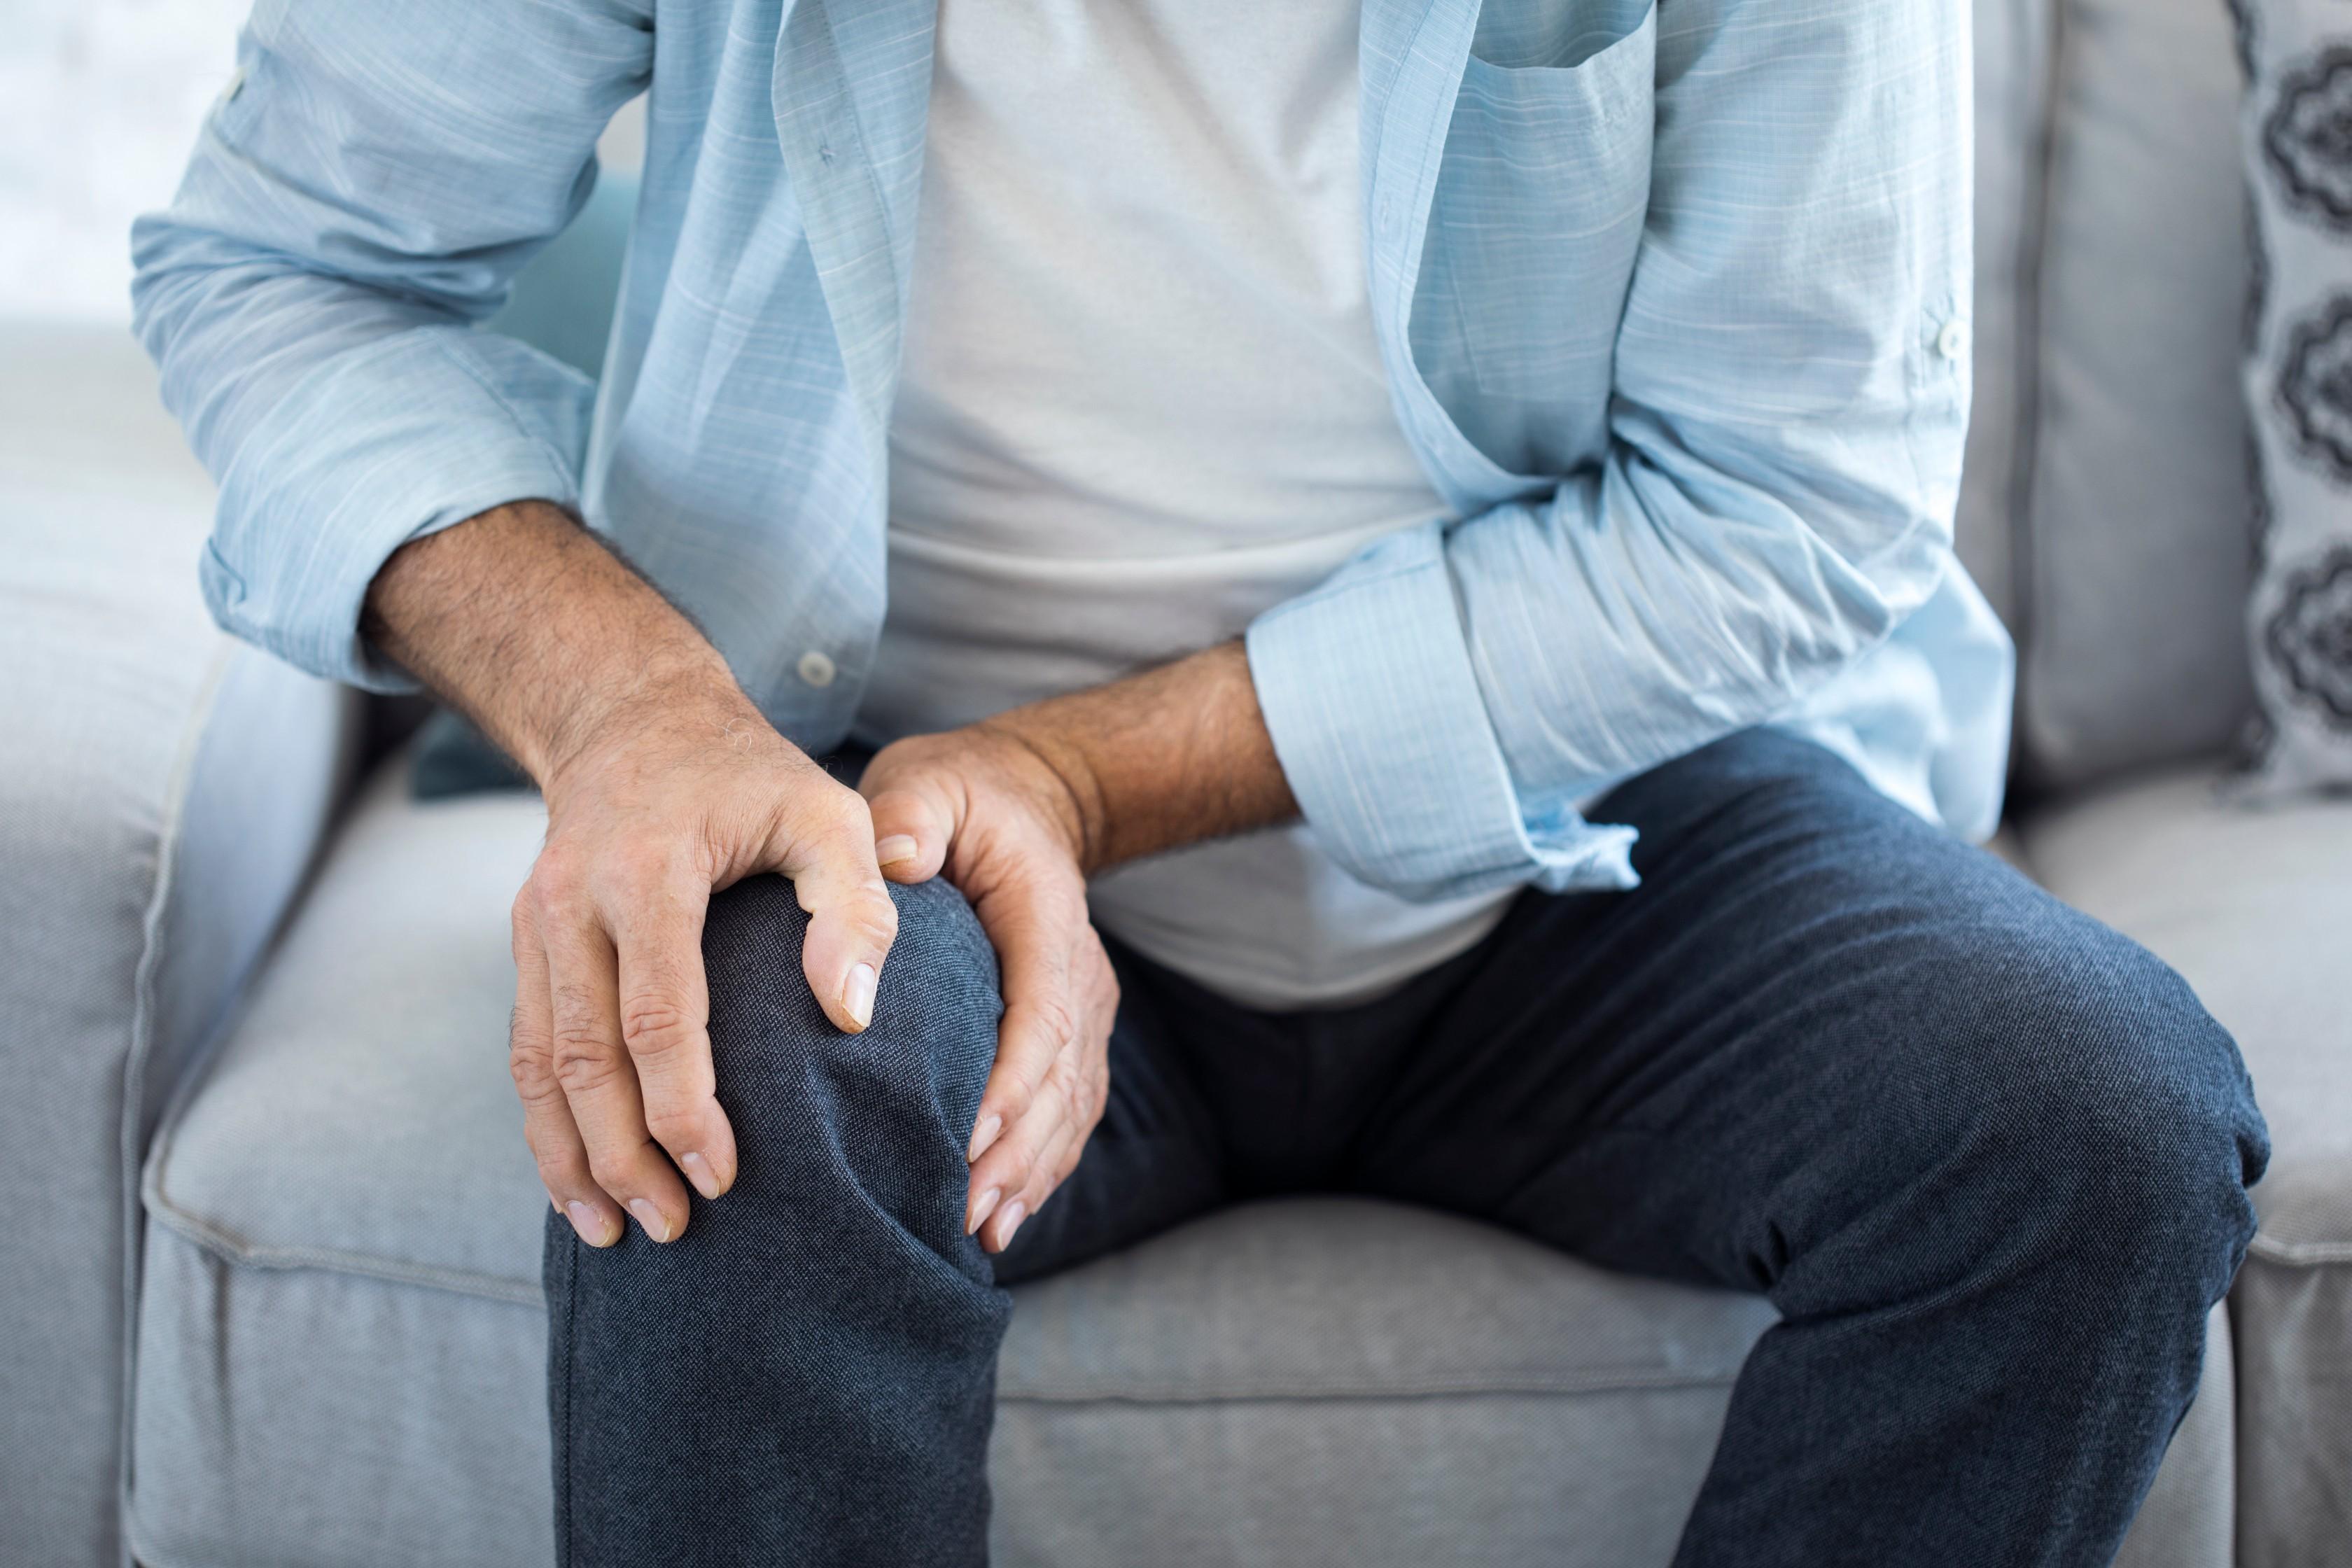 pad sajtó váll fájdalmak mit szúrhatunk izületi fájdalommal